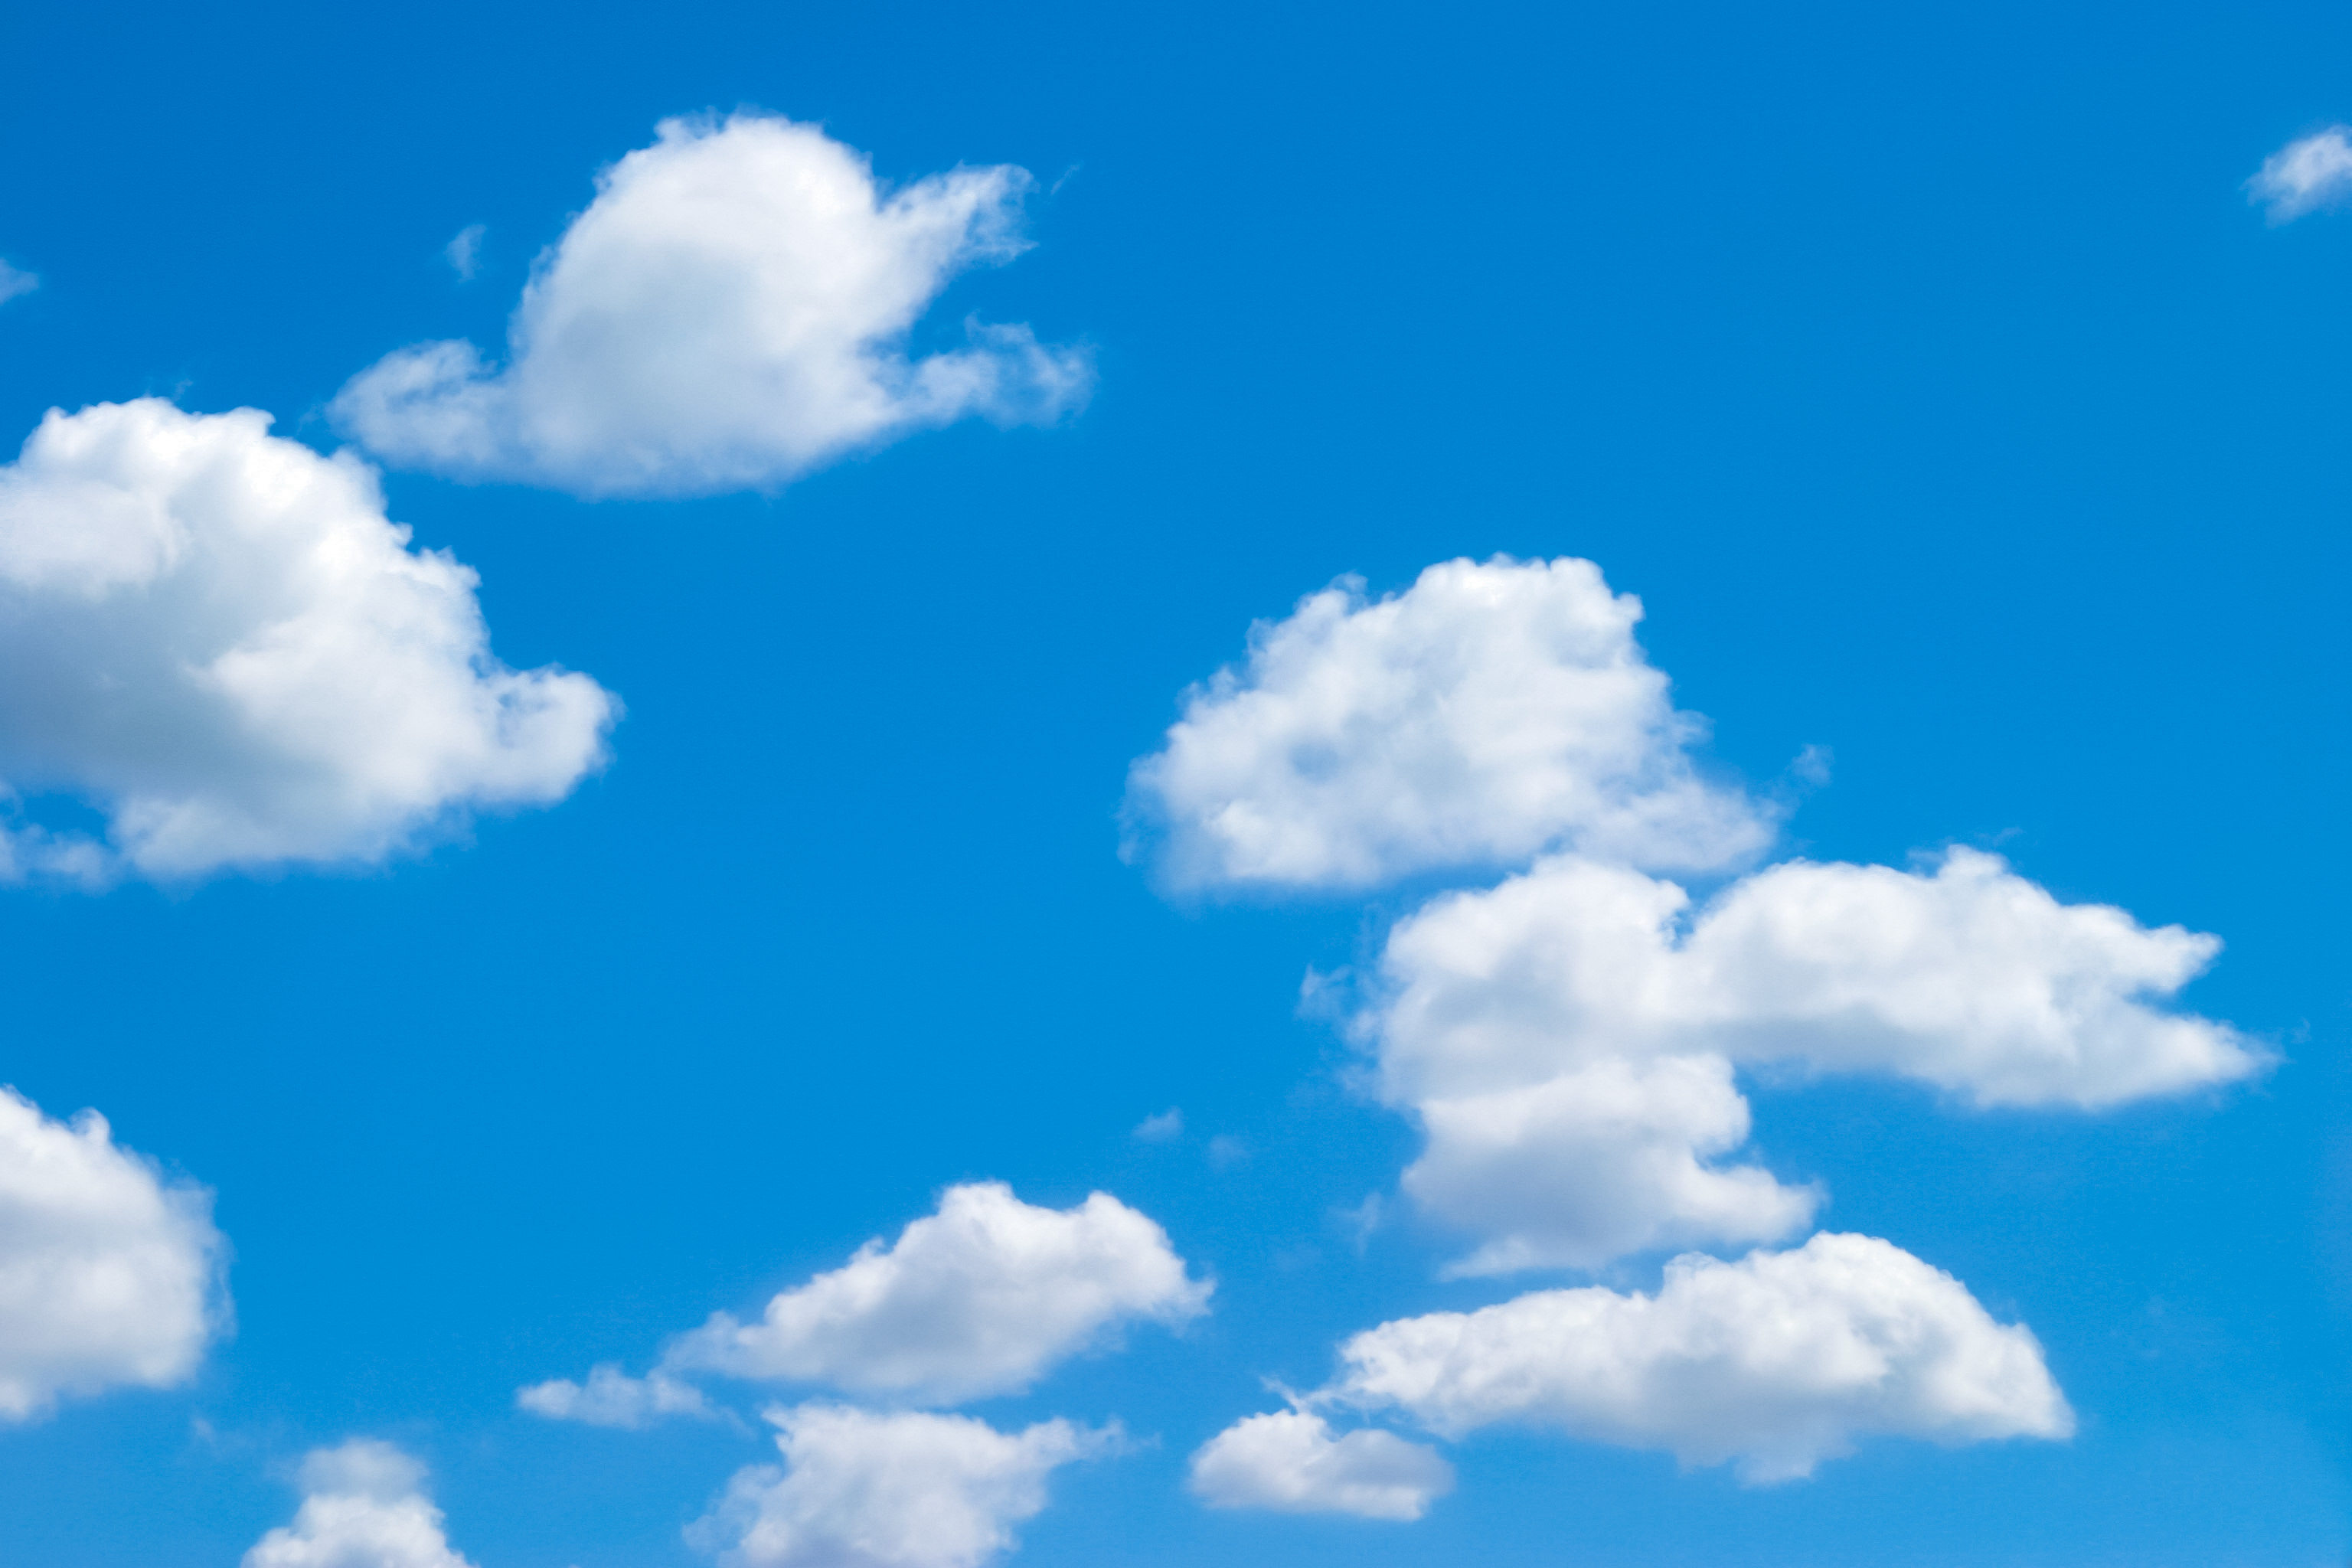 青い空とかわいい雲 Free Photos L/RGB/JPEG/350dpi